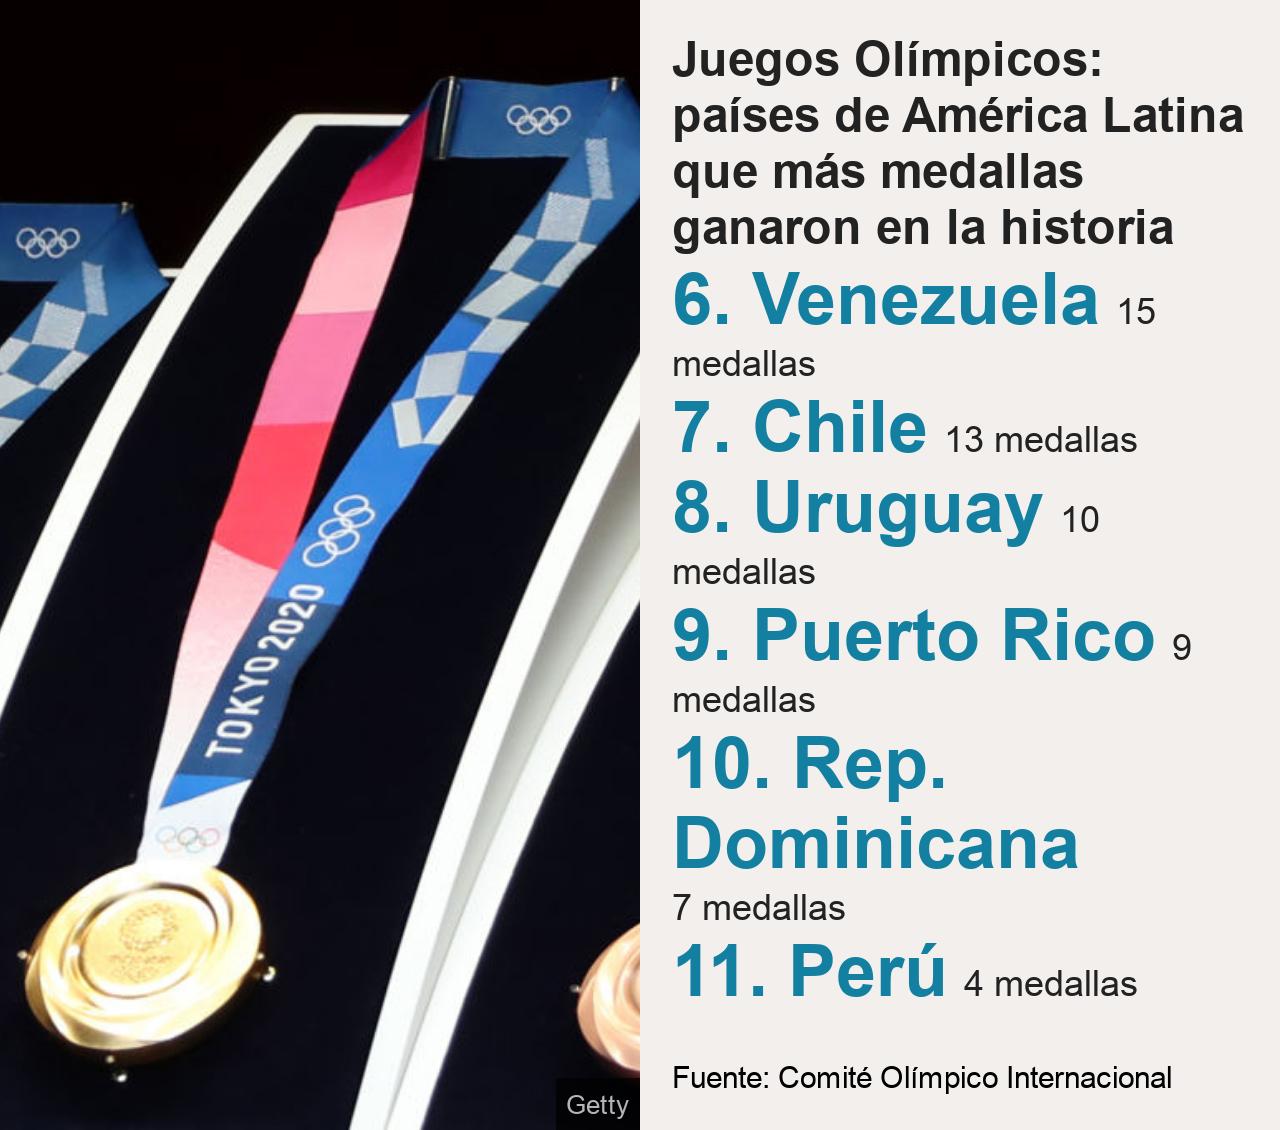 Juegos Olímpicos: países de América Latina que más medallas ganaron en la historia.    [ 6. Venezuela 15 medallas ],[ 7. Chile 13 medallas ],[ 8. Uruguay 10 medallas  ],[ 9. Puerto Rico  9 medallas ],[ 10. Rep. Dominicana 7 medallas ],[ 11. Perú 4 medallas ], Source: Fuente: Comité Olímpico Internacional, Image: Foto de una medalla olímpica